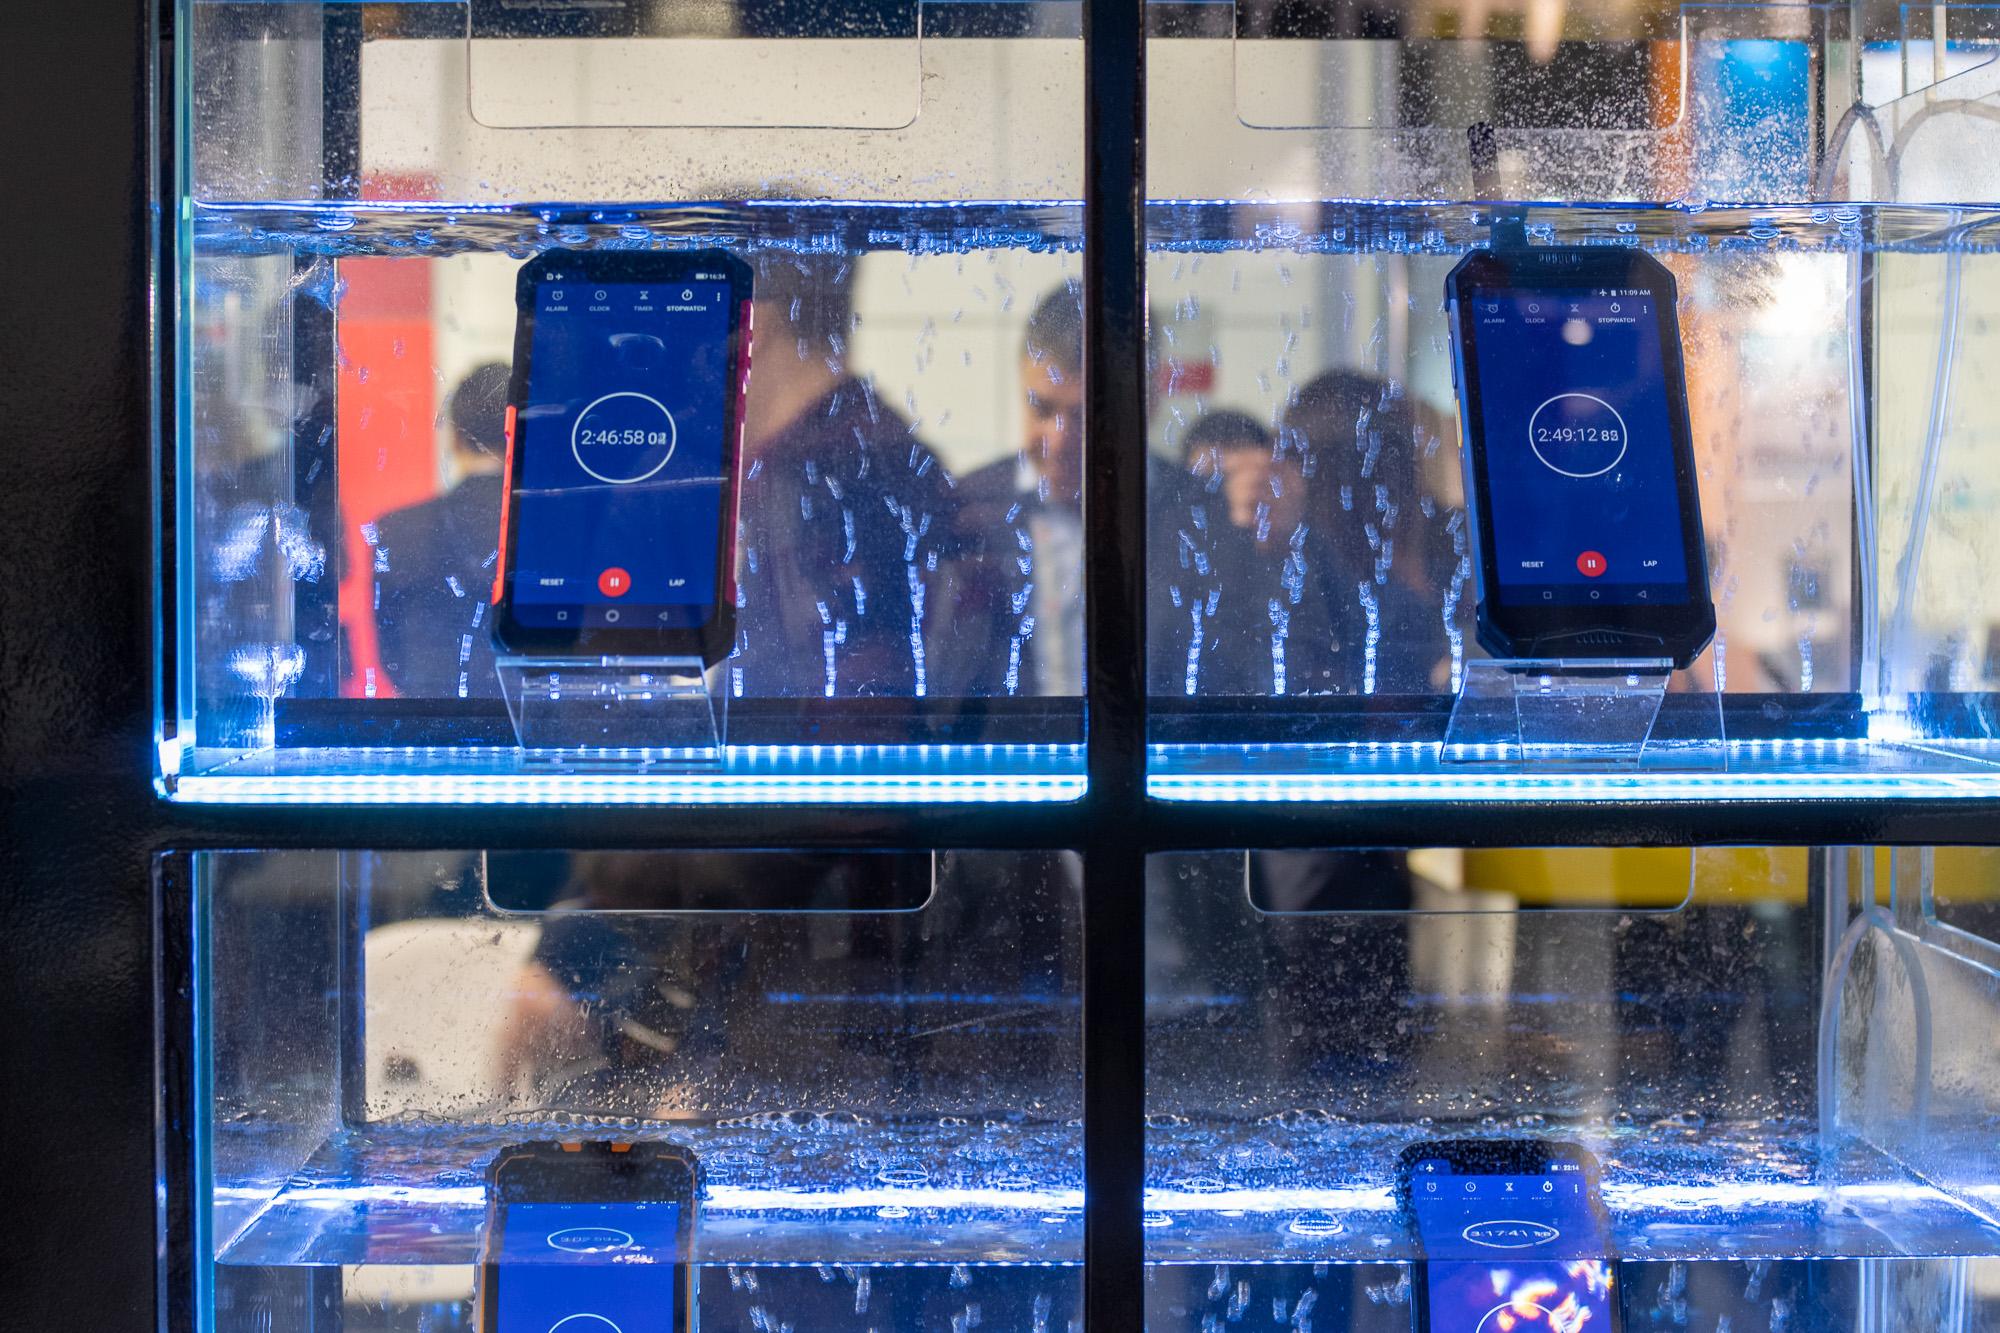 Тренды MWC 2019: защищенные смартфоны, true wireless наушники, smart-браслеты, 5G не для людей и Samsung который не впечатлил © Техномод